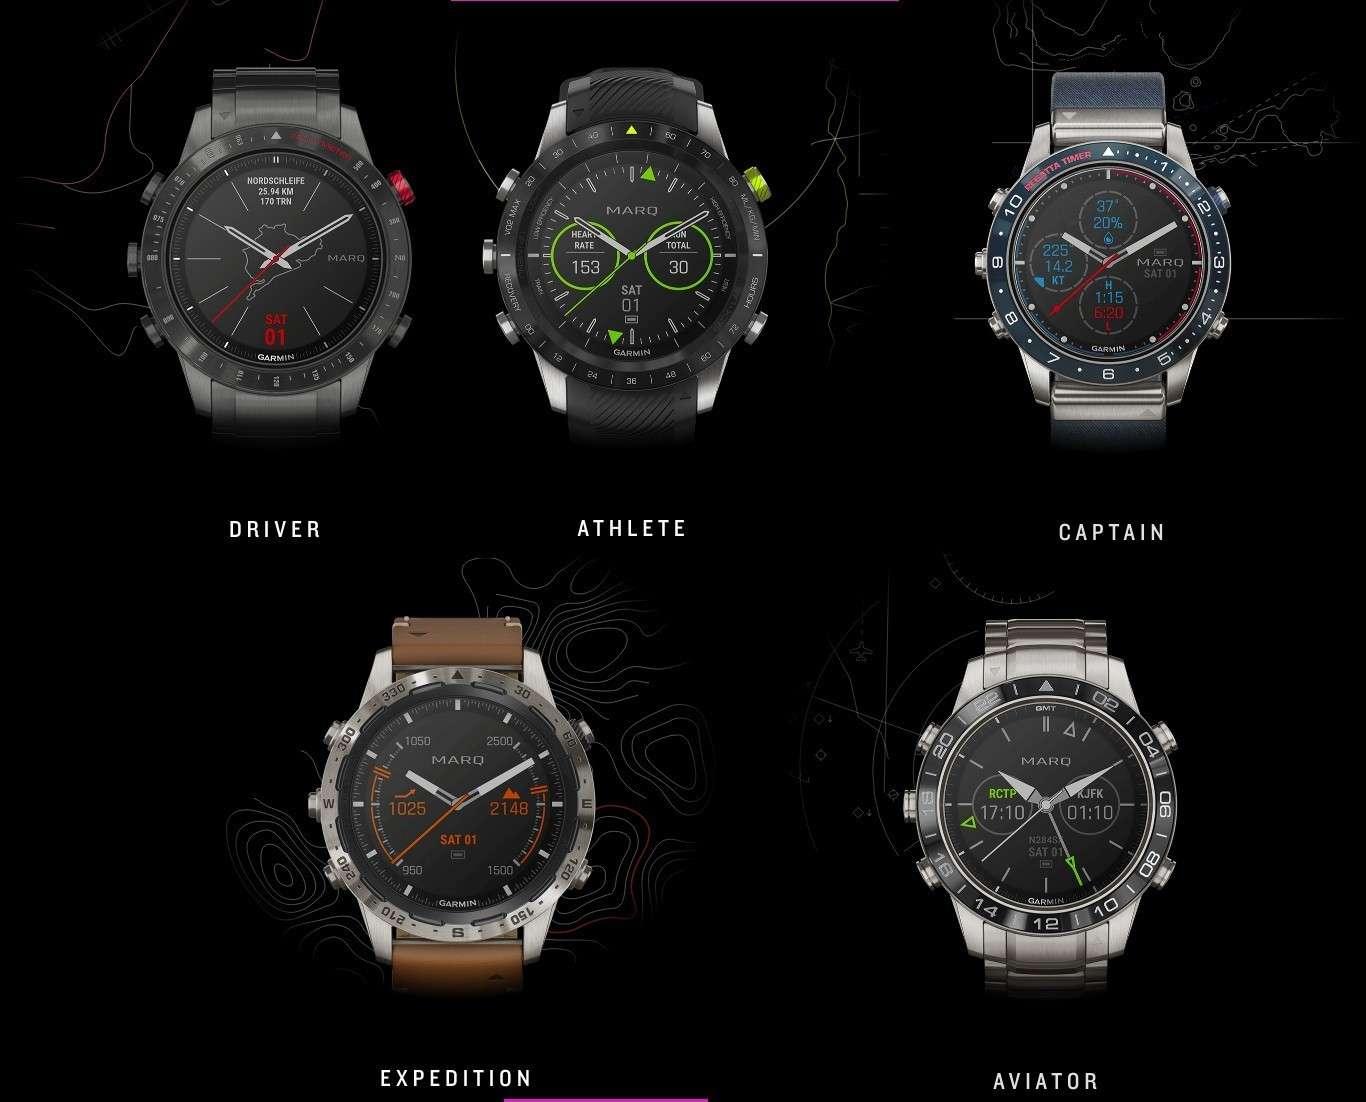 38b7274de69450 Per tutti i modelli Garmin garantisce 12 giorni di autonomia in modalità  smartwatch, 28 ore utilizzando il GPS e 48 ore con la modalità UltraTac GPS.